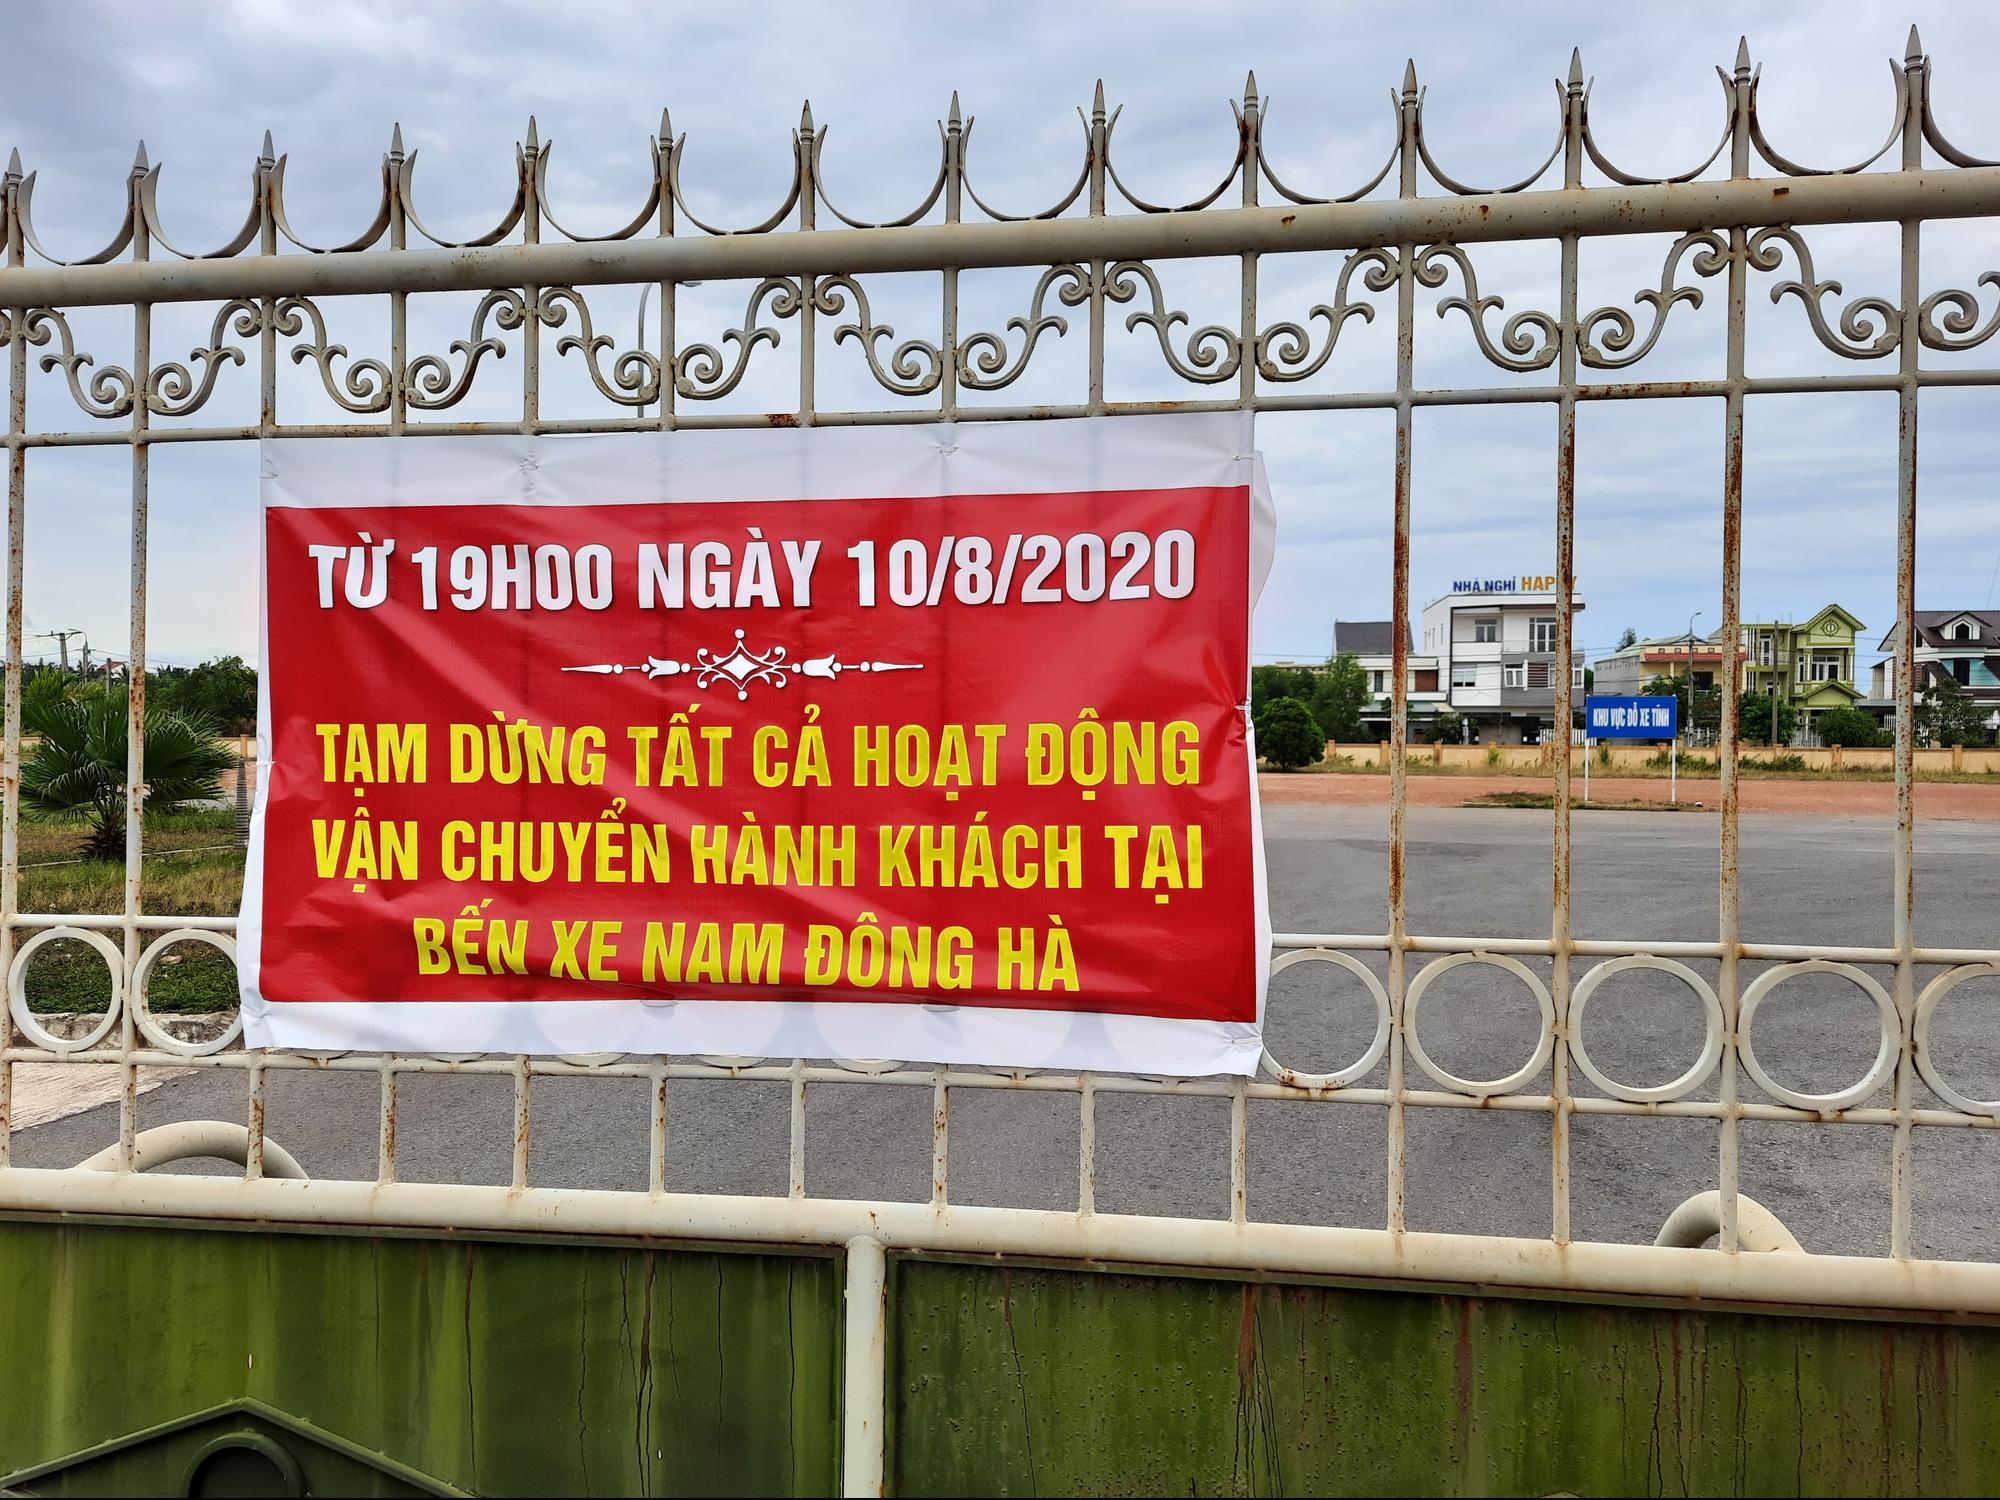 Quảng Trị: Nguy cơ lây lan dịch Covid-19 từ những xe khách hoạt động chui - Ảnh 2.